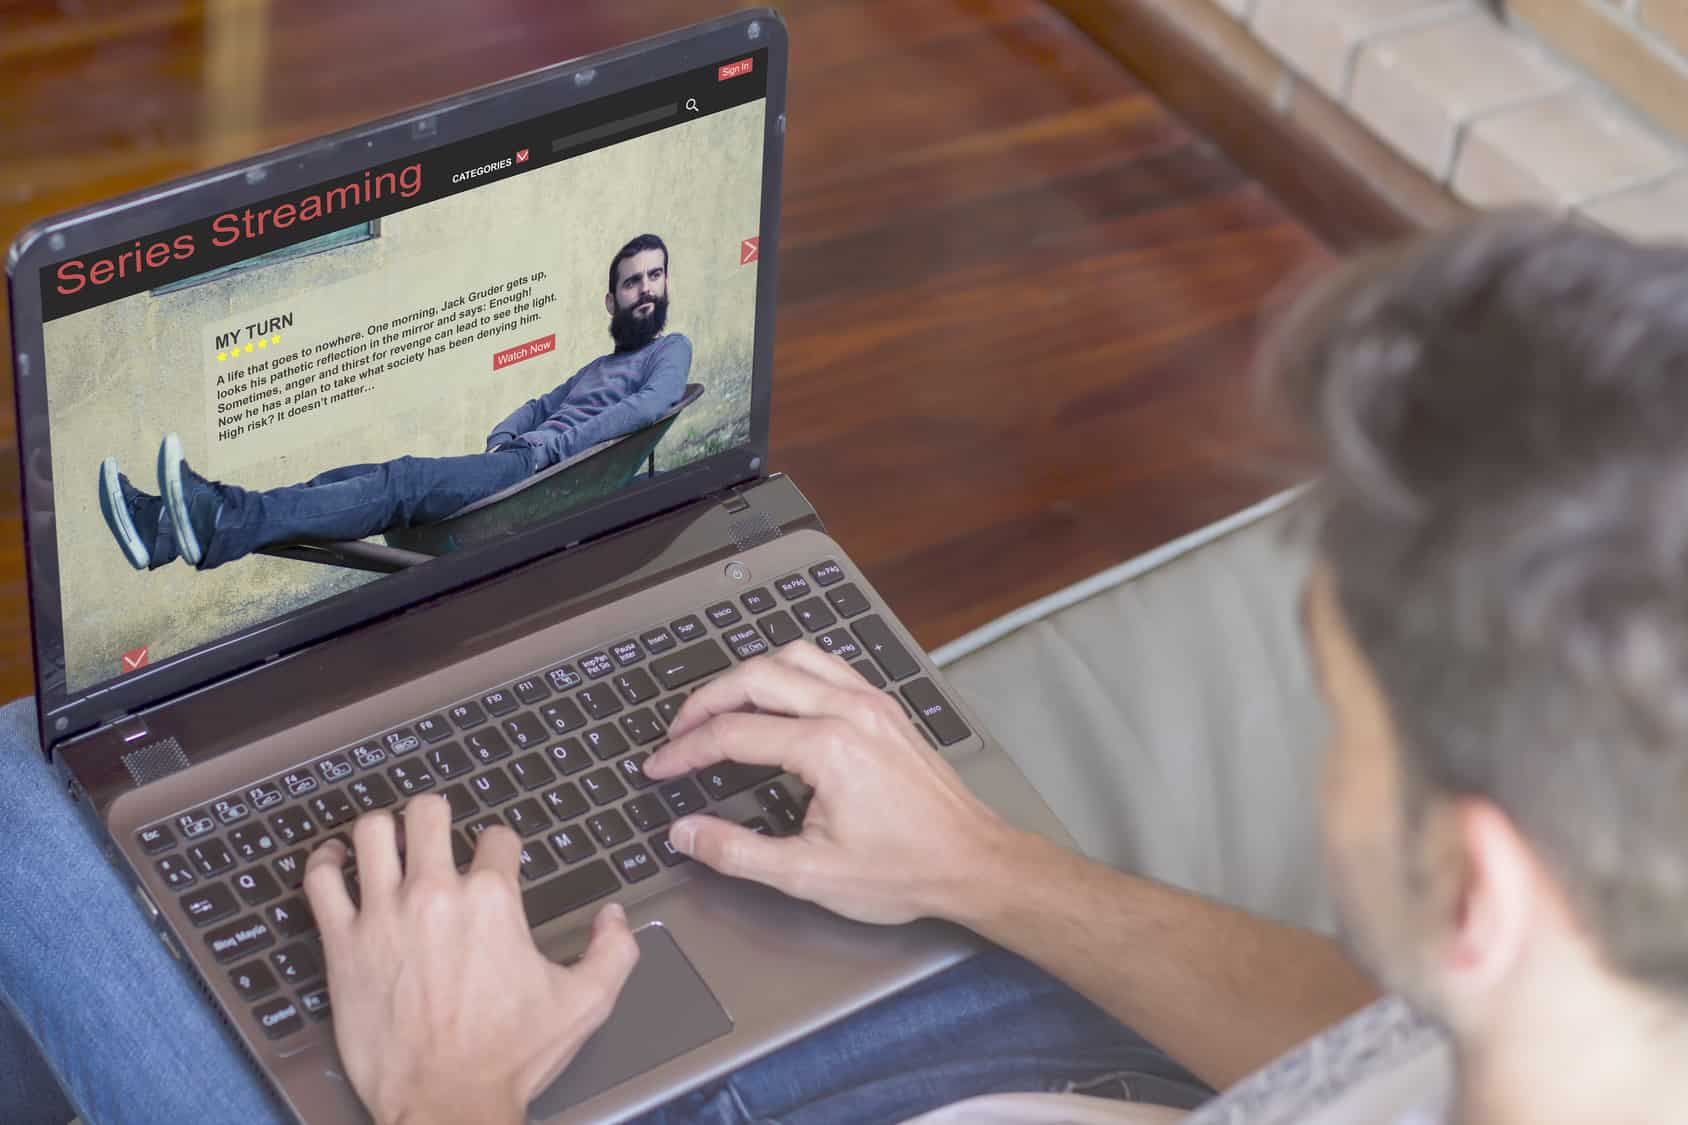 Netflix subirá 10% el precio de su plan más popular en Estados Unidos, una medida que podría aumentar sus ganancias pero a costa de frenar sus suscriptores.